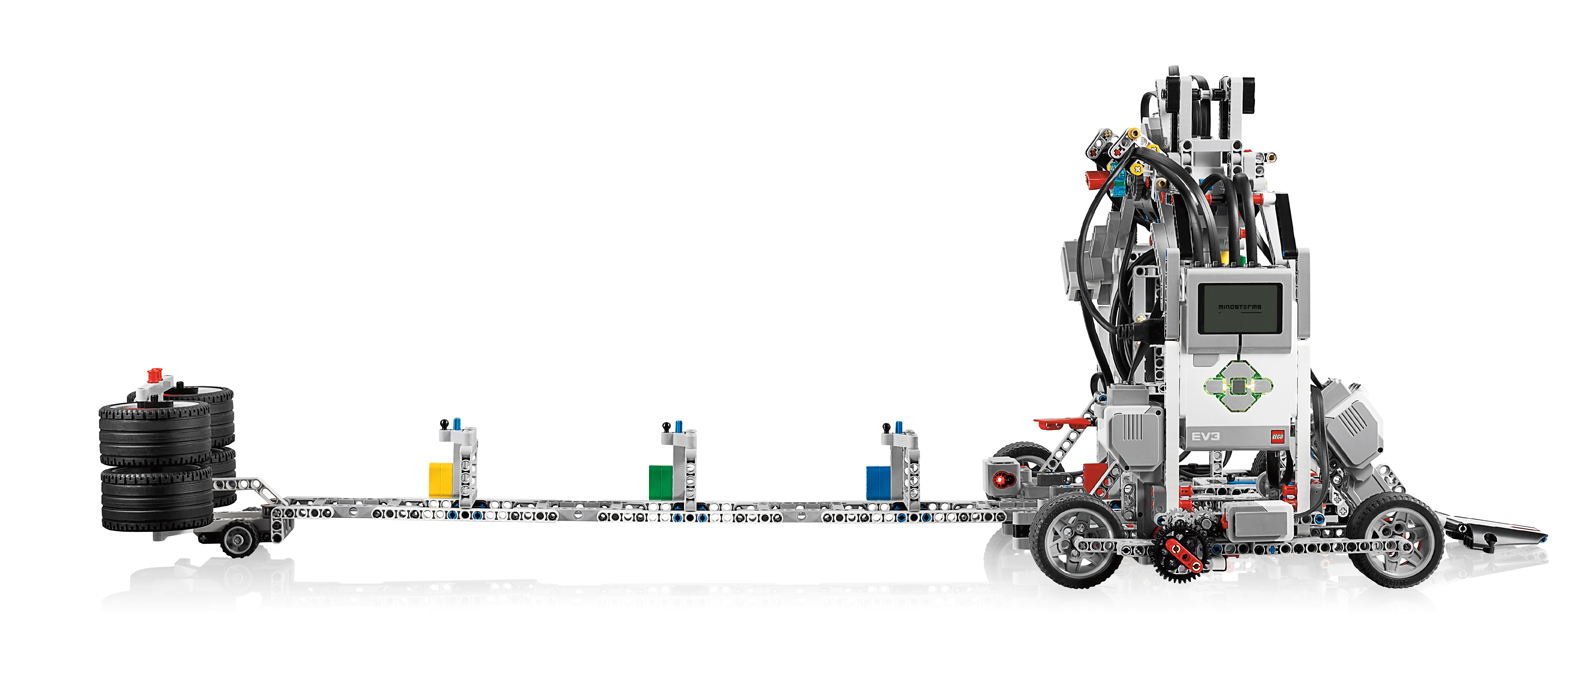 LEGO Mindstorms EV3 enseignant